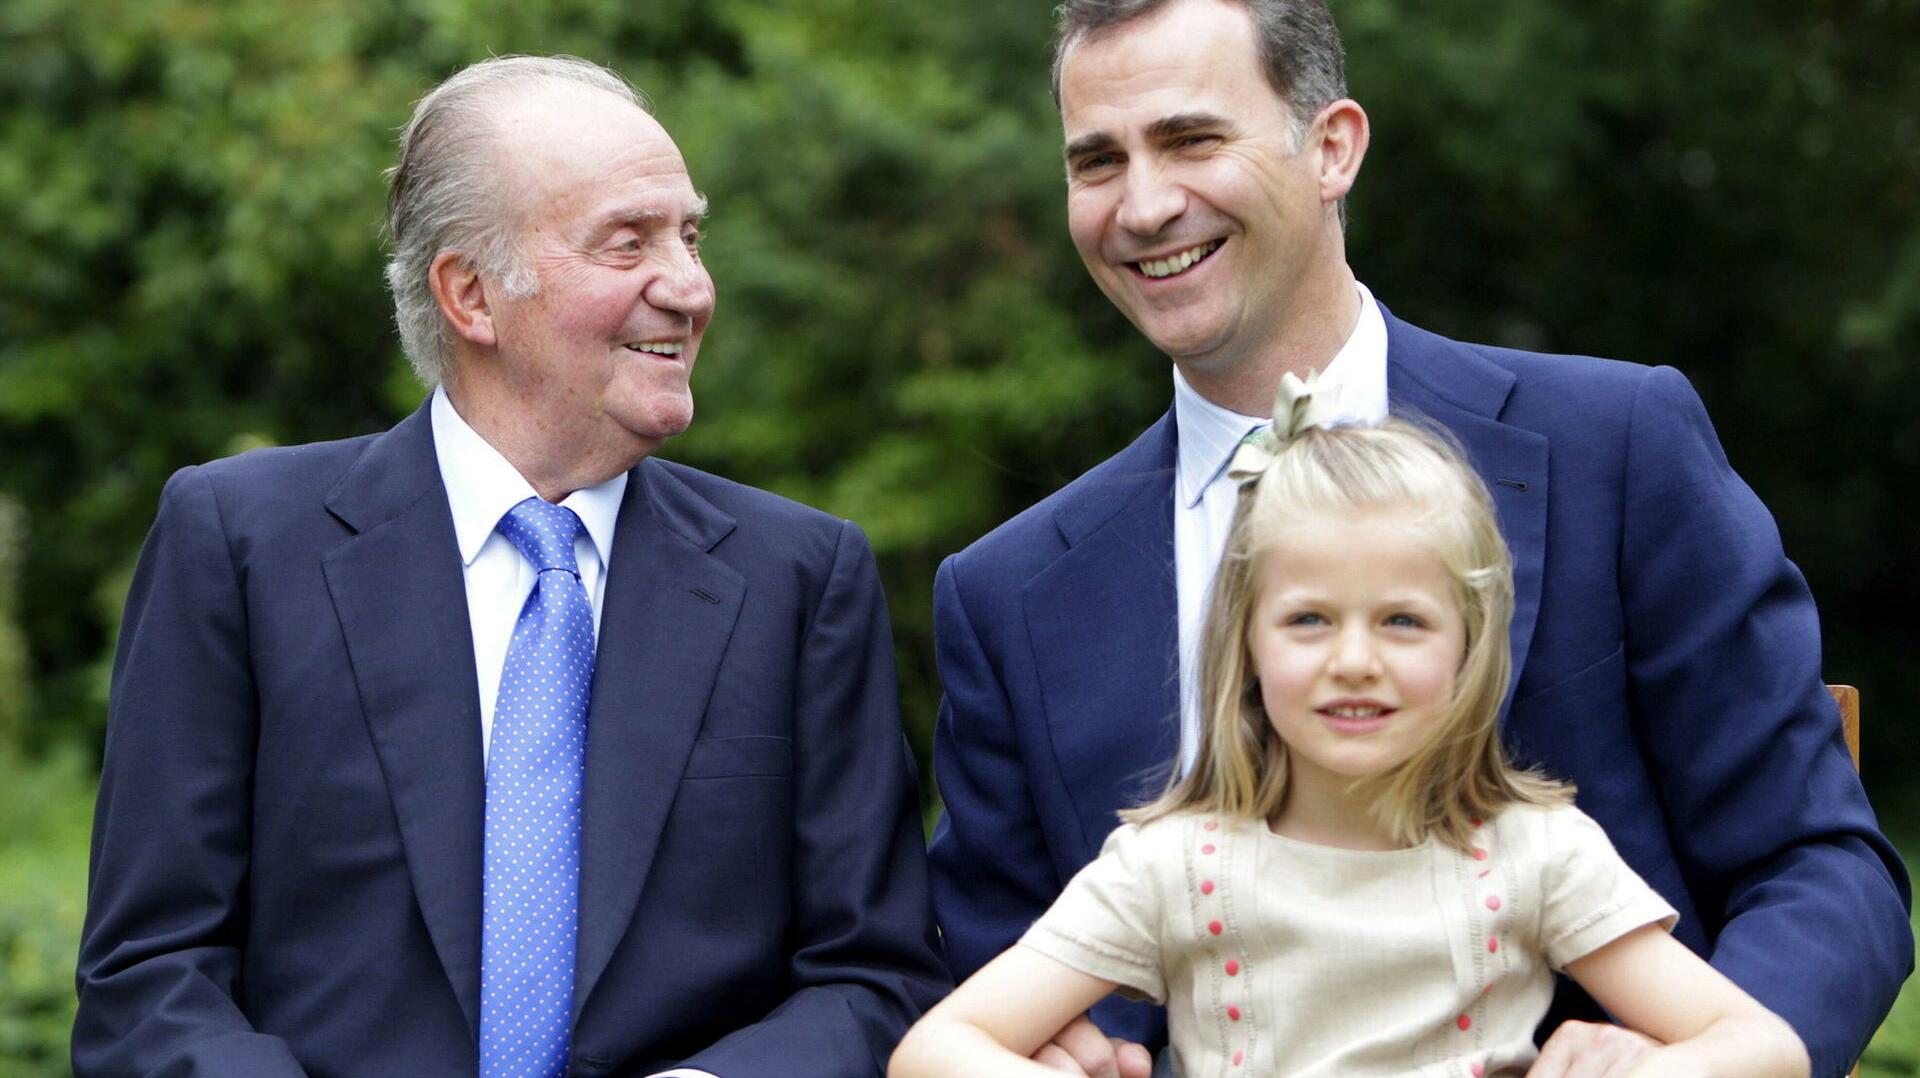 Generationswechsel auf Spaniens Thron: Neuer König mit Mammutaufgabe